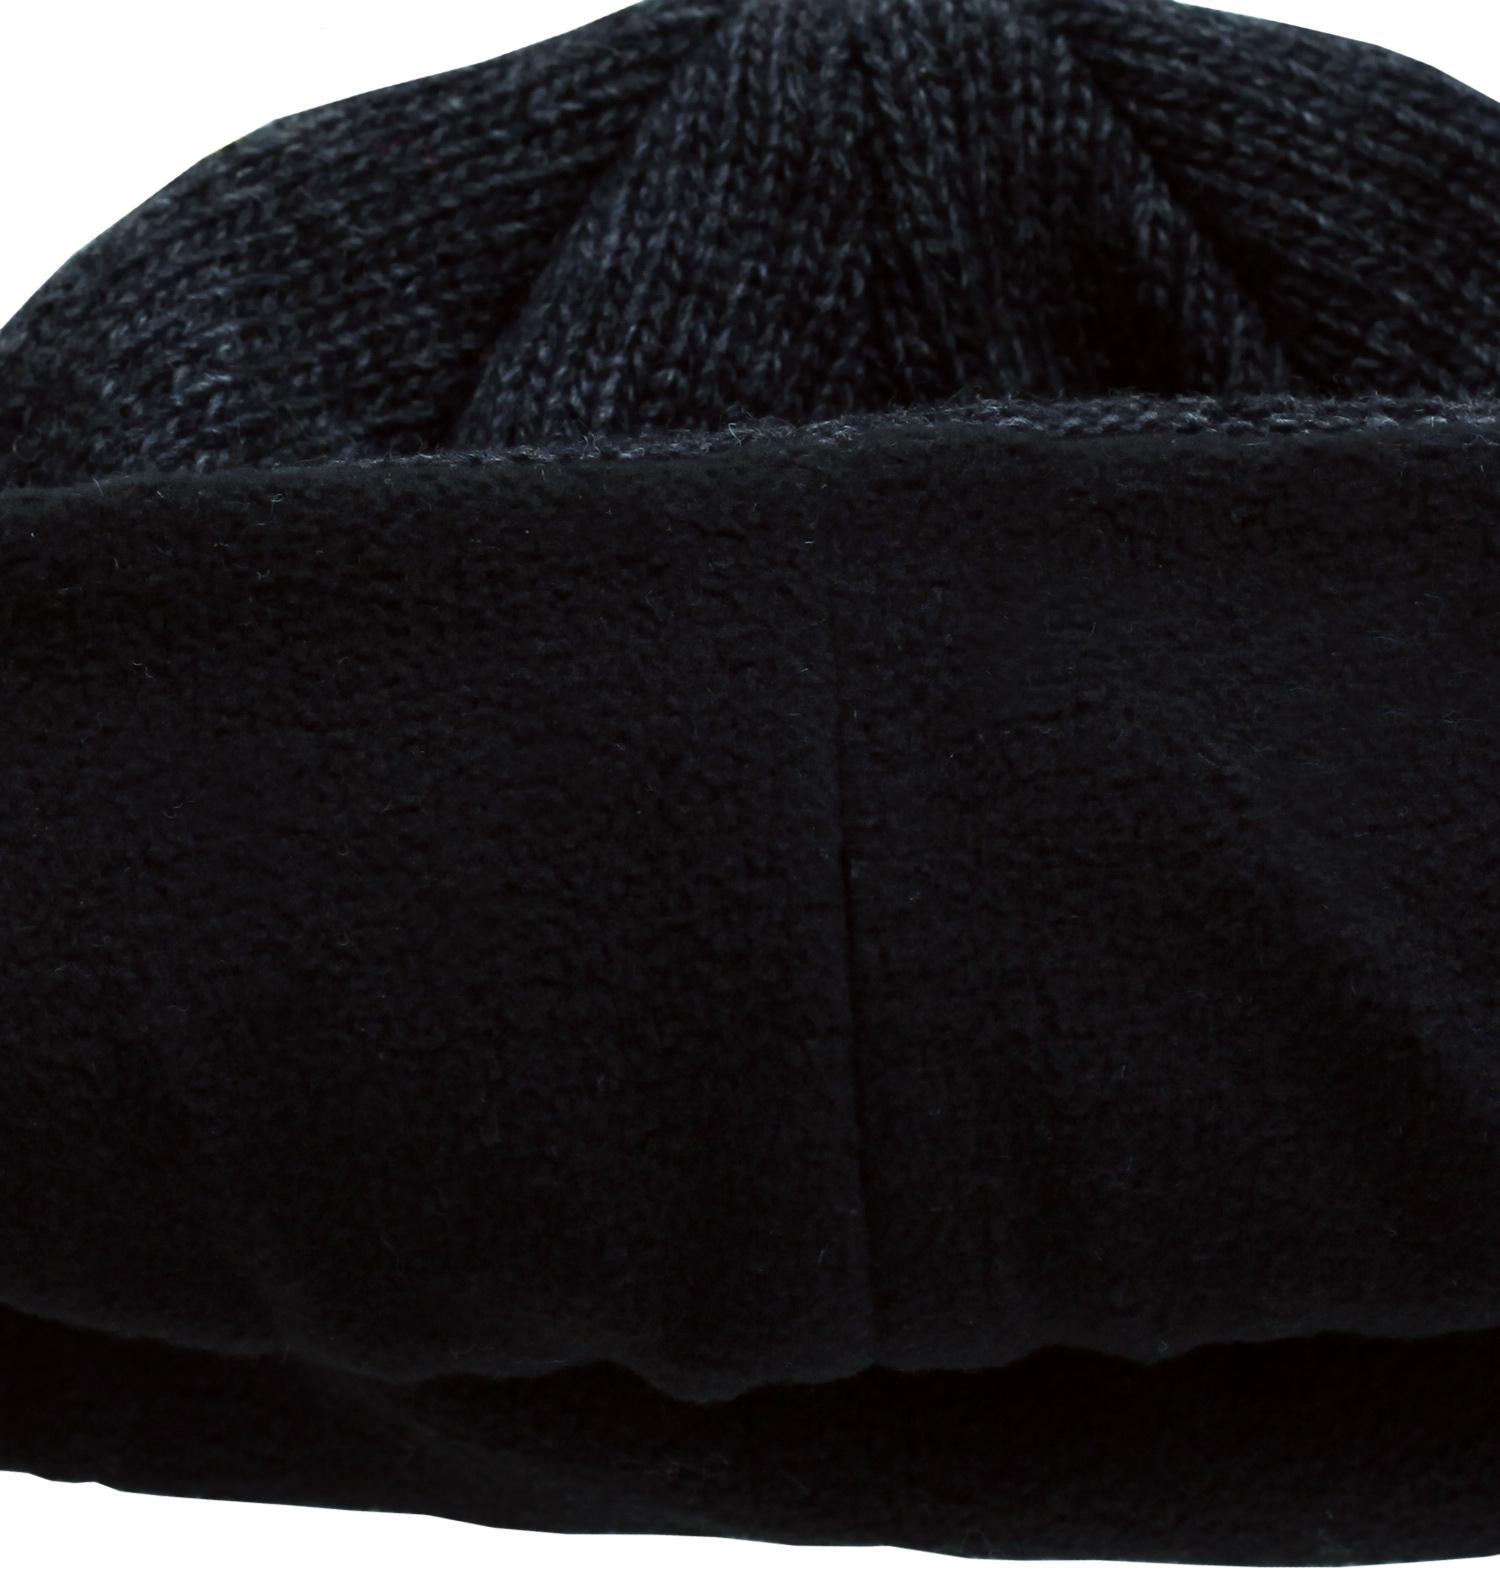 Заказать мужскую популярную утепленную флисом шапку практичная модель по лояльной цене